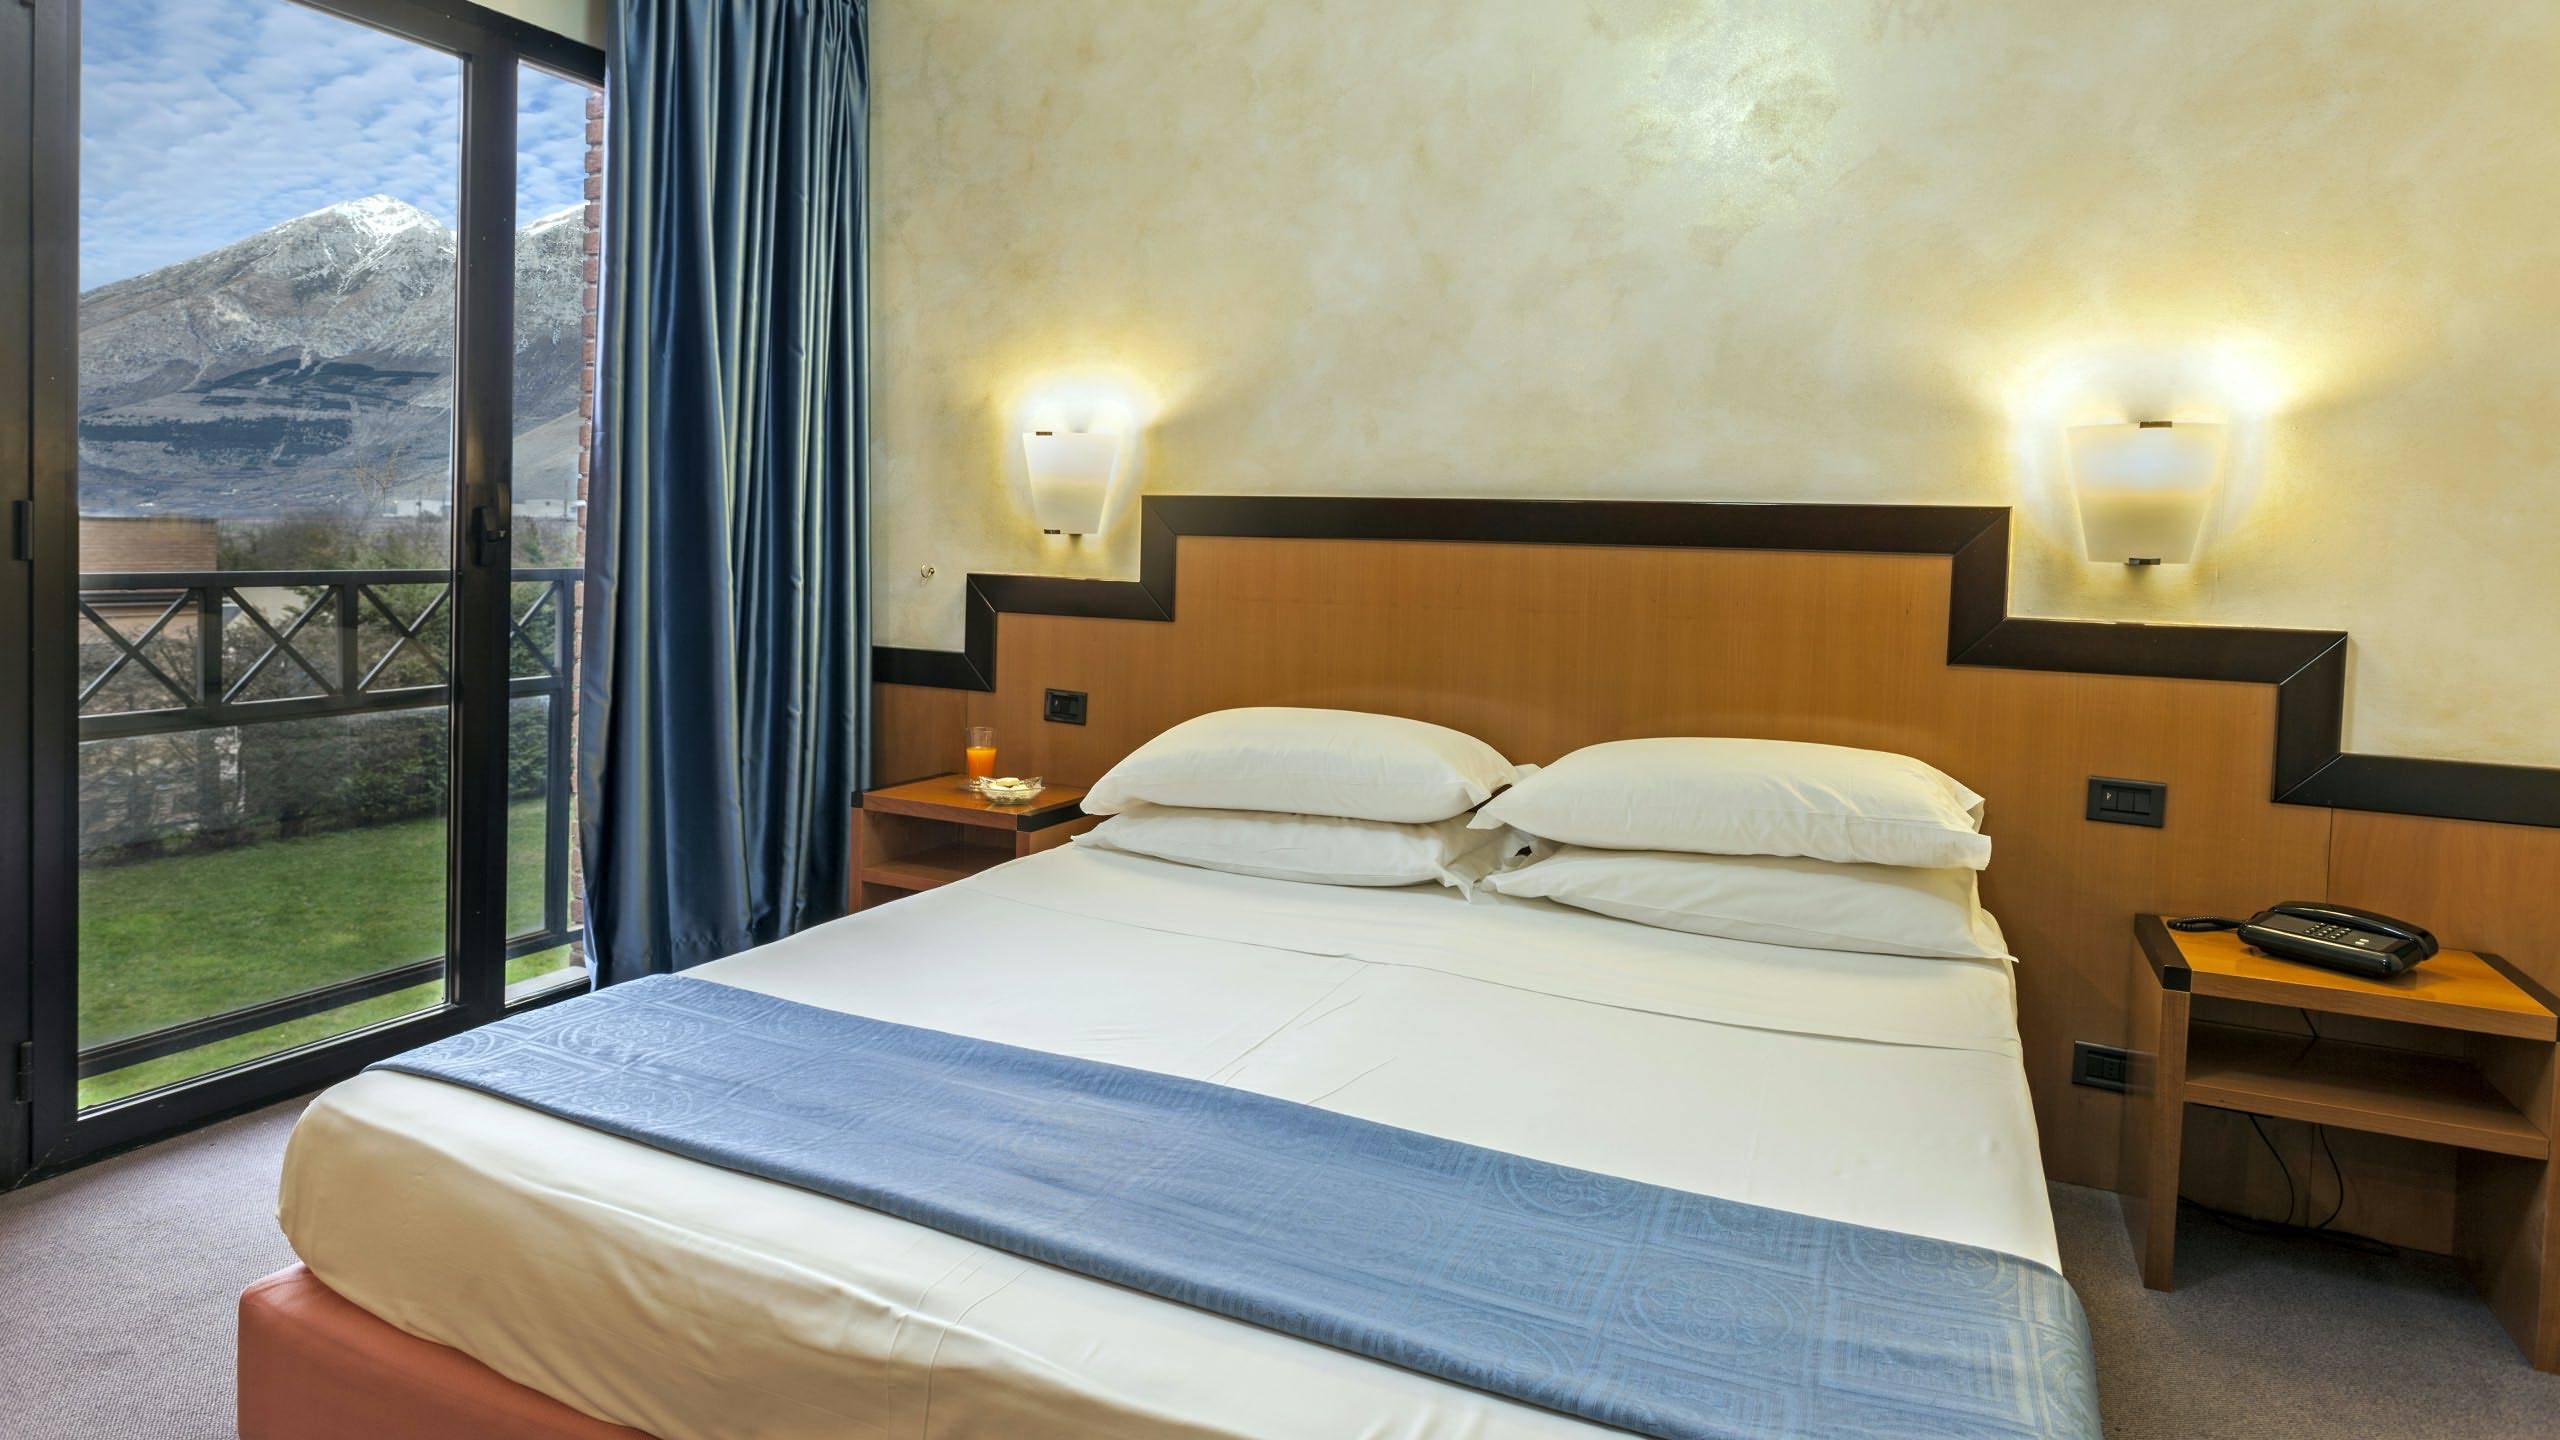 hotel-olimpia-avezzano-hotel-06